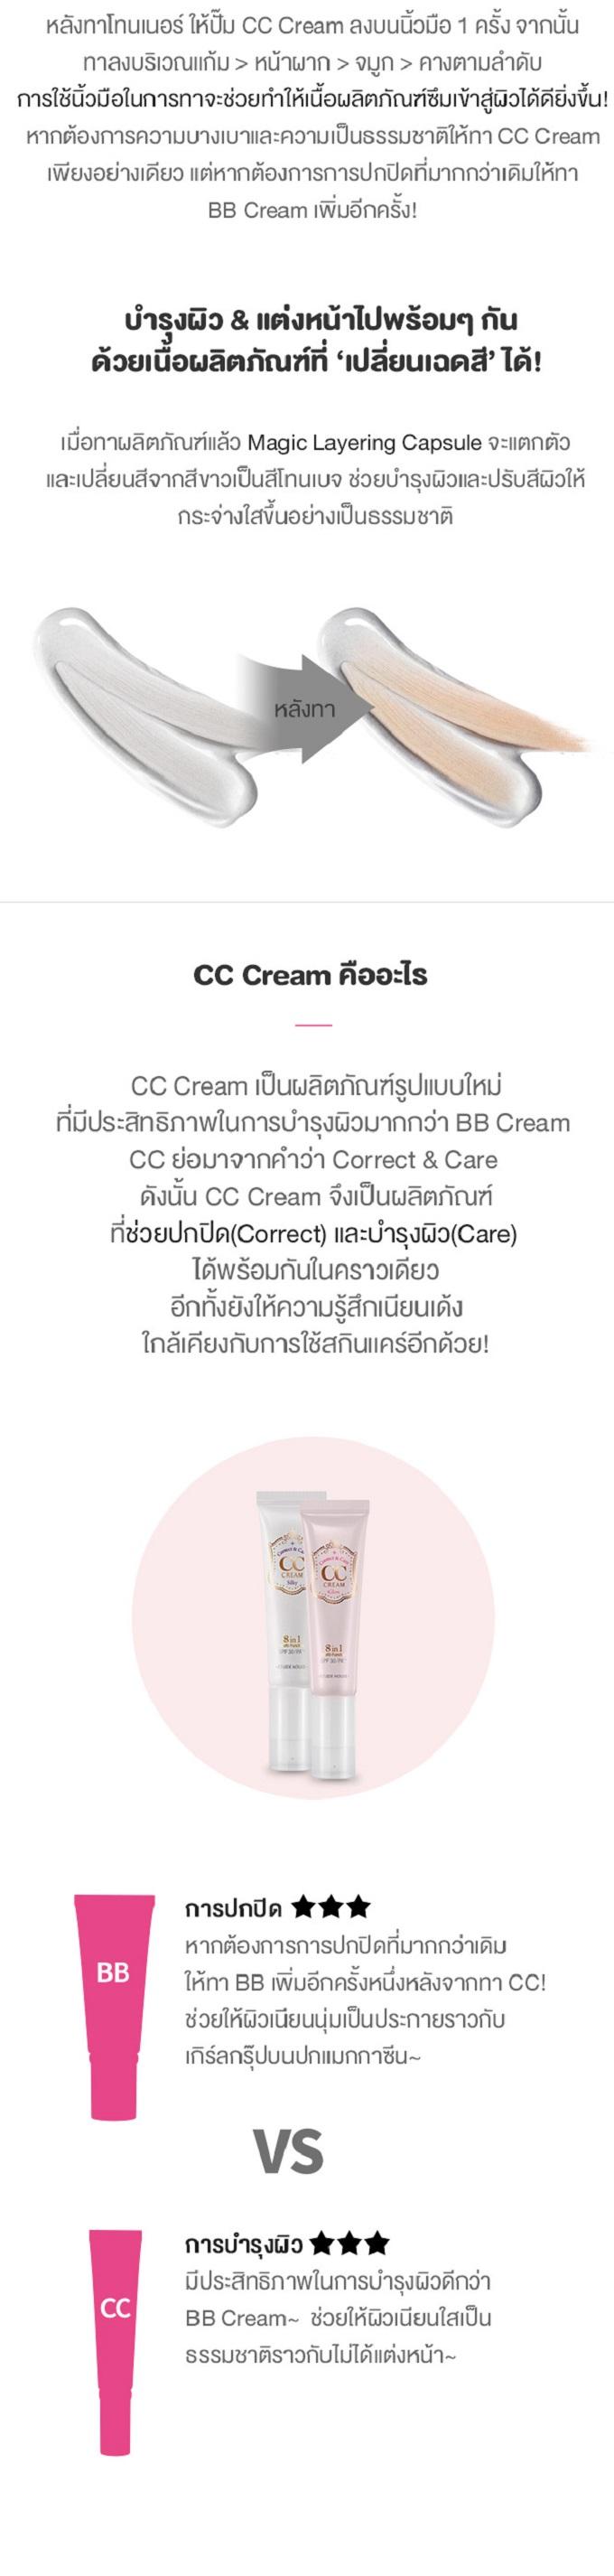 CC-Cream02